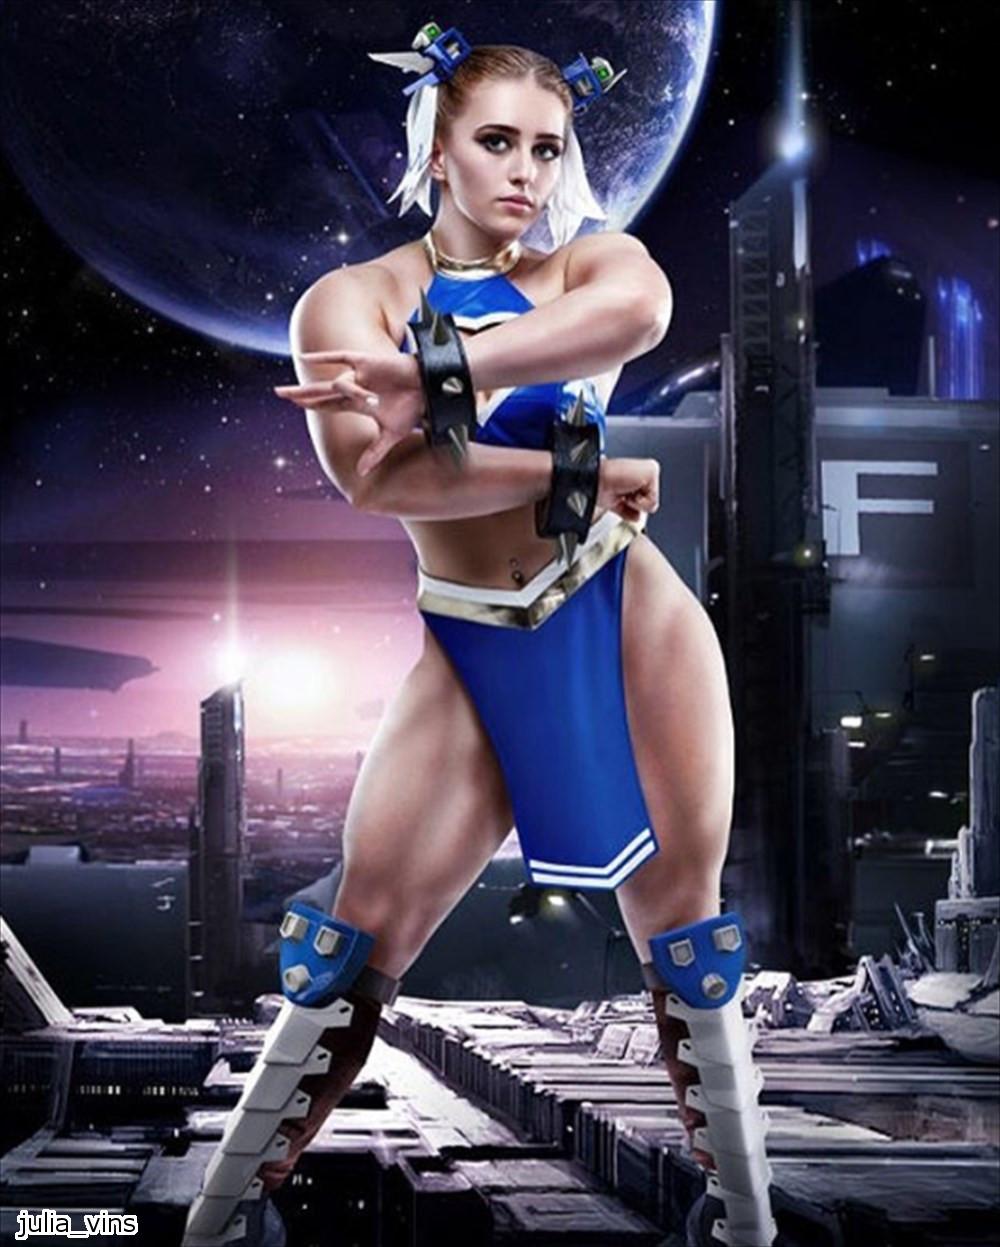 極寒の地が生んだ筋肉バービー! ジュリア・ビンスに屈強なロシア男子もビビる